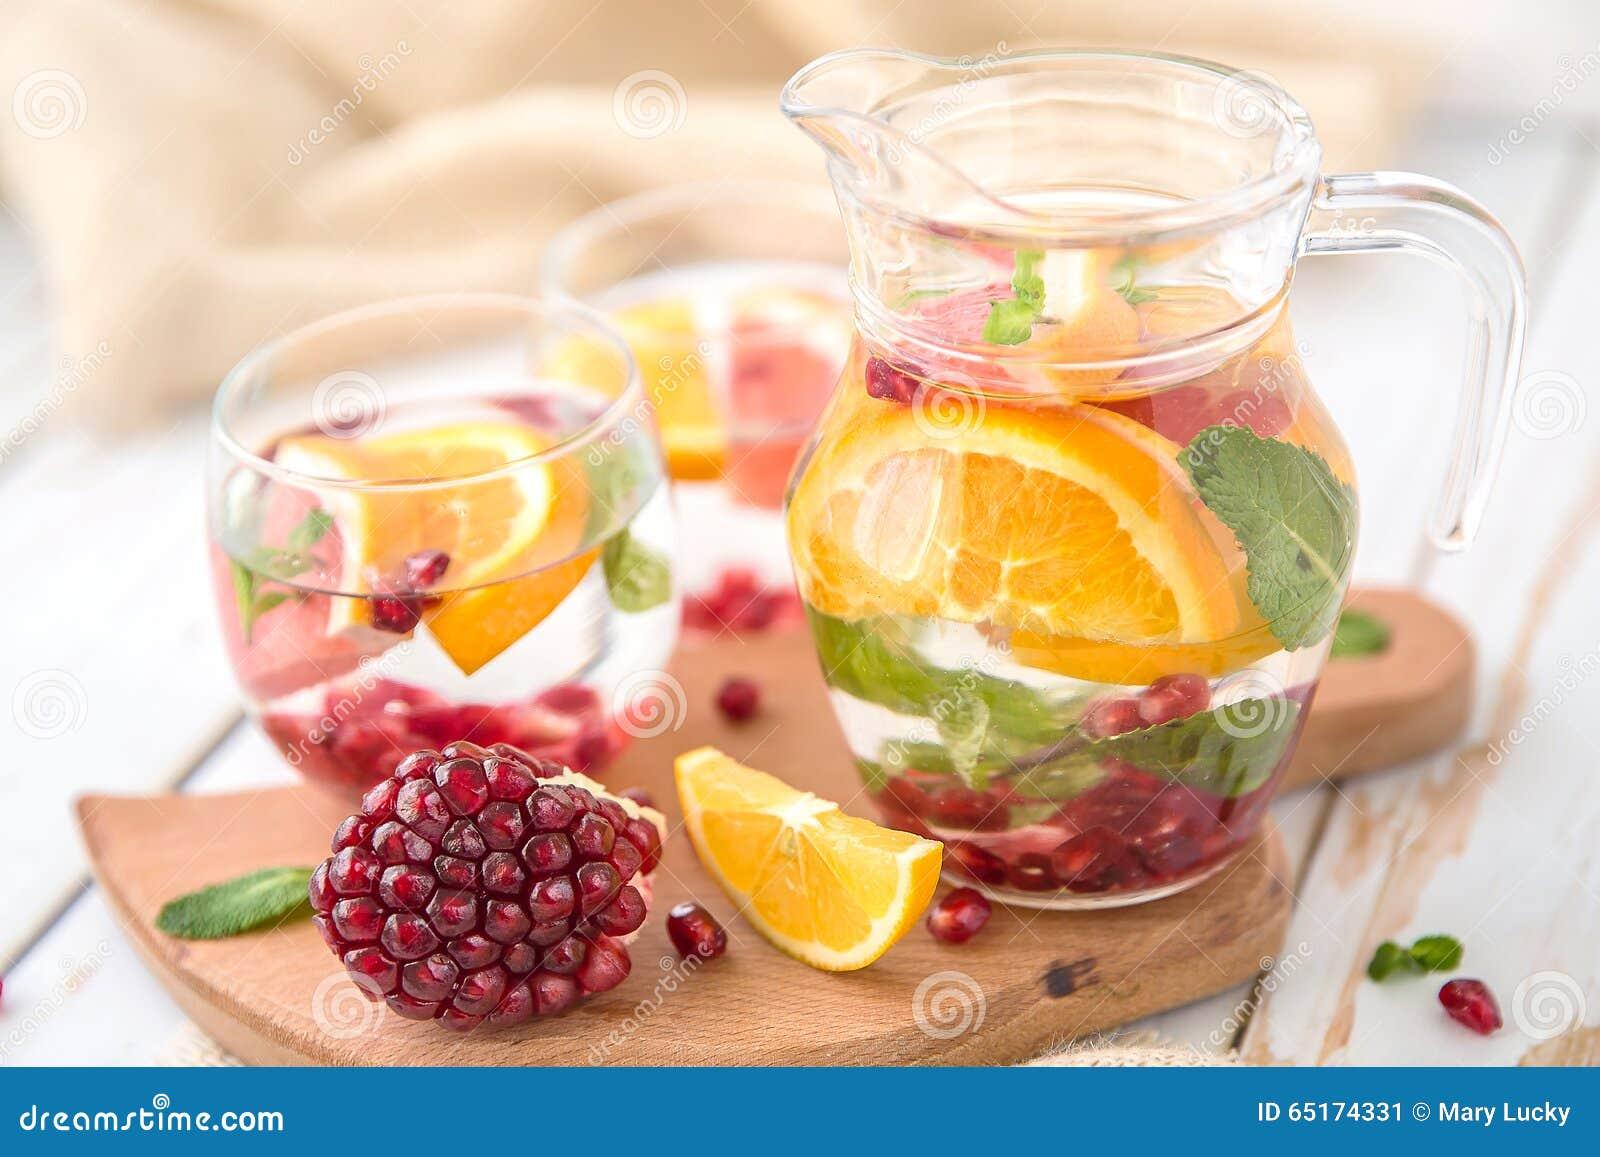 orange pampelmusen granatapfel und minze detox wasser stockbild bild von gesund hungrig 65174331. Black Bedroom Furniture Sets. Home Design Ideas